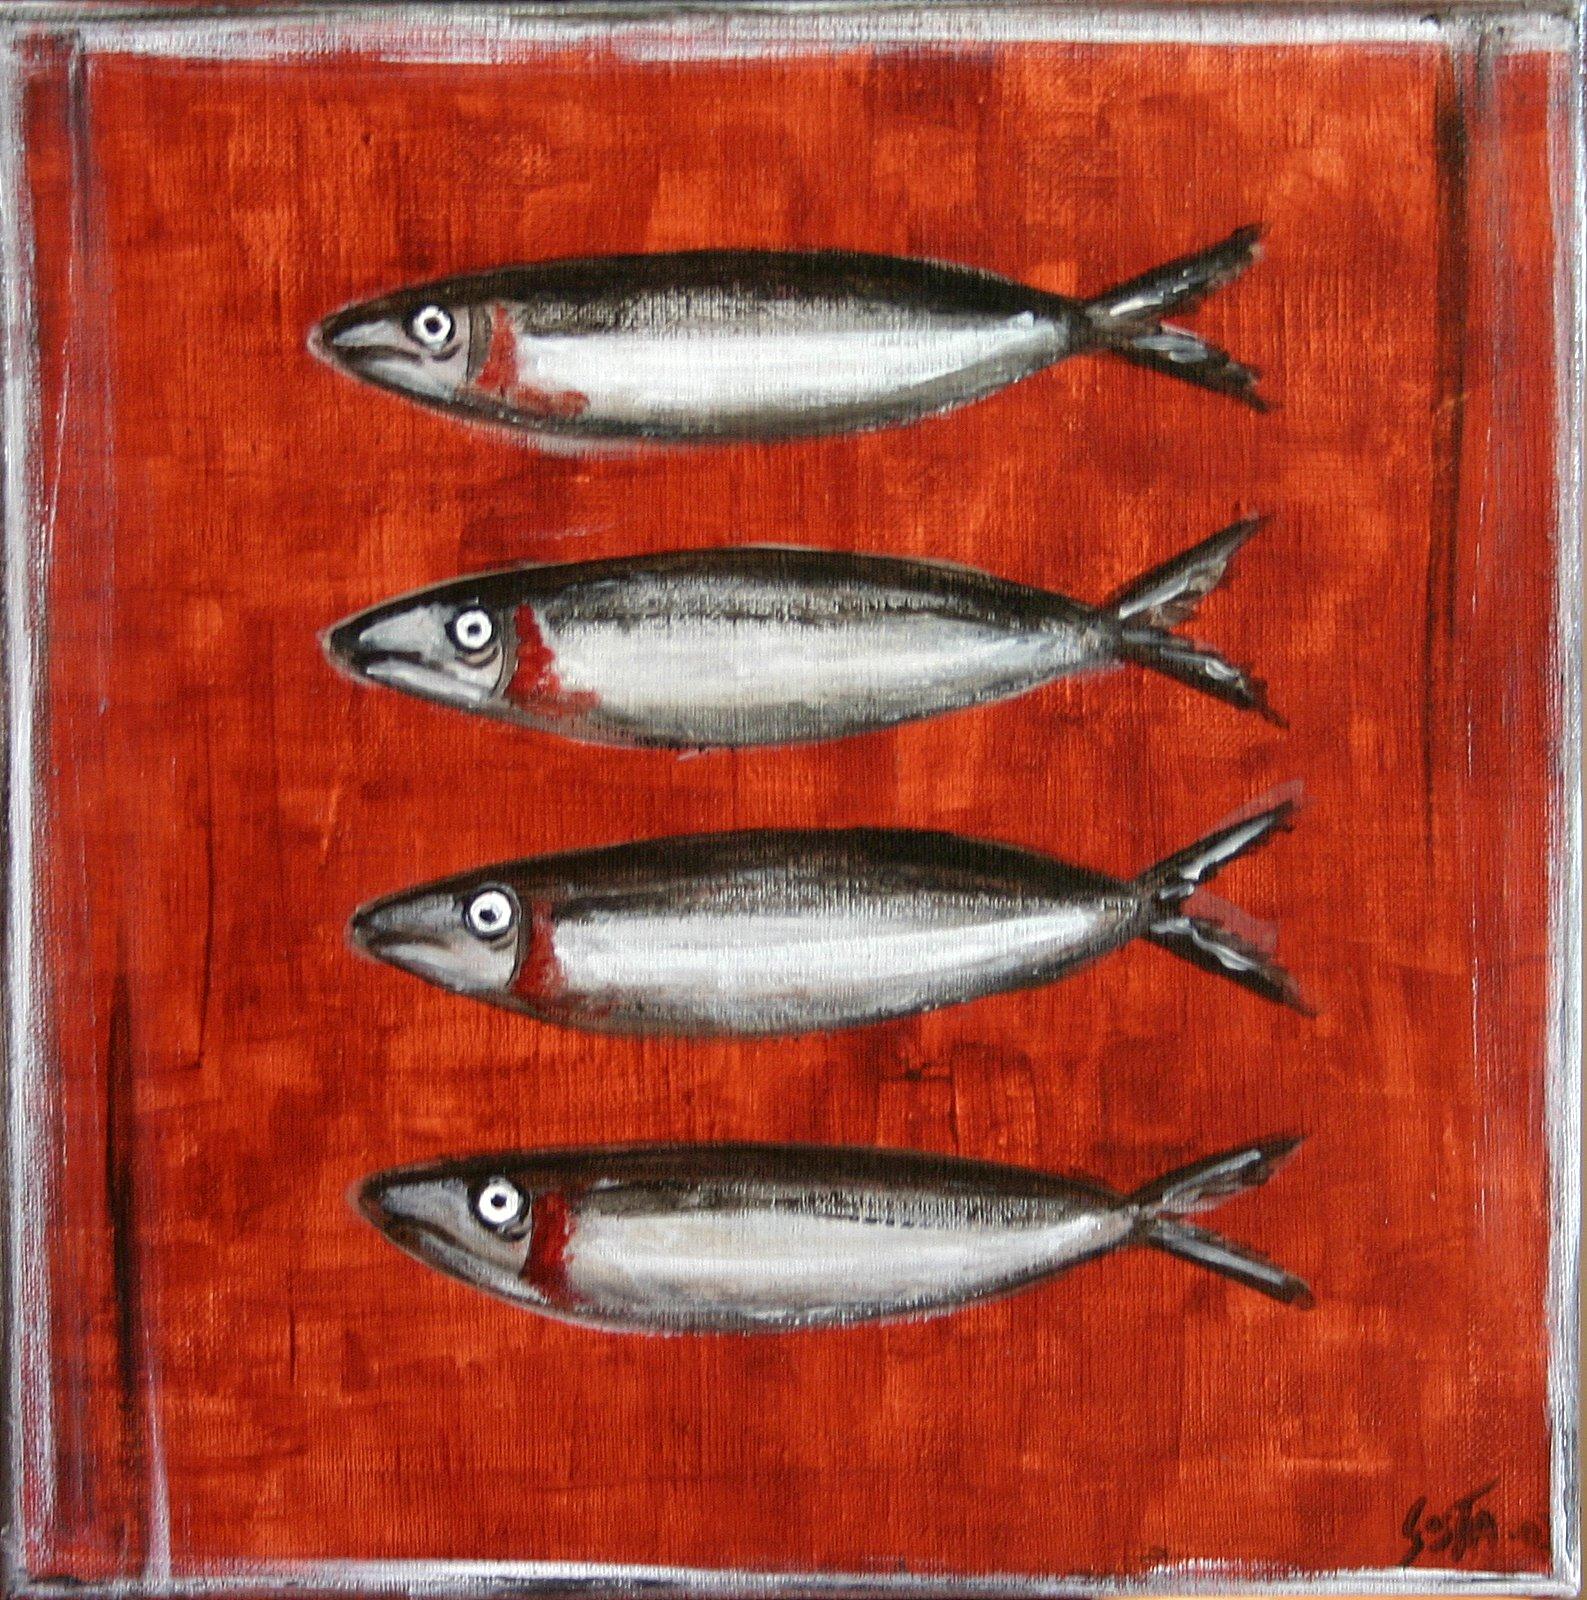 Tableau Contemporain, Les sardines. Sophie Costa, artiste peintre.